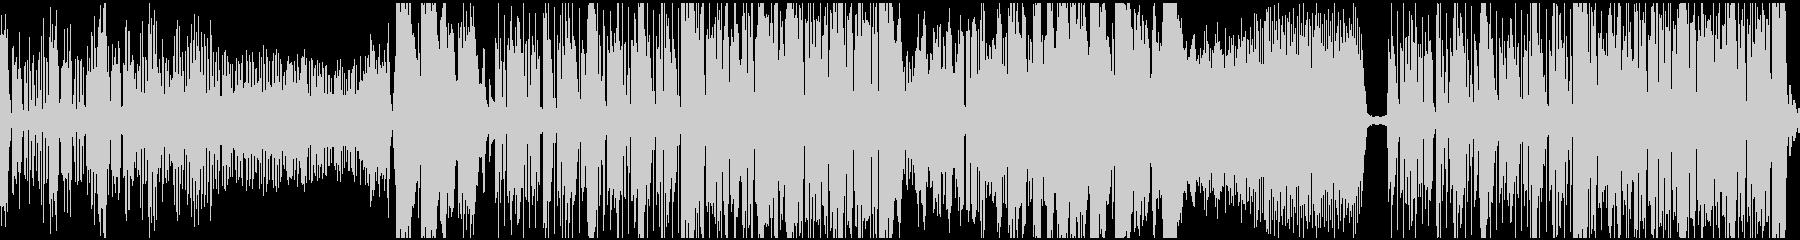 明確なハウスダンスエレクトロニカは...の未再生の波形